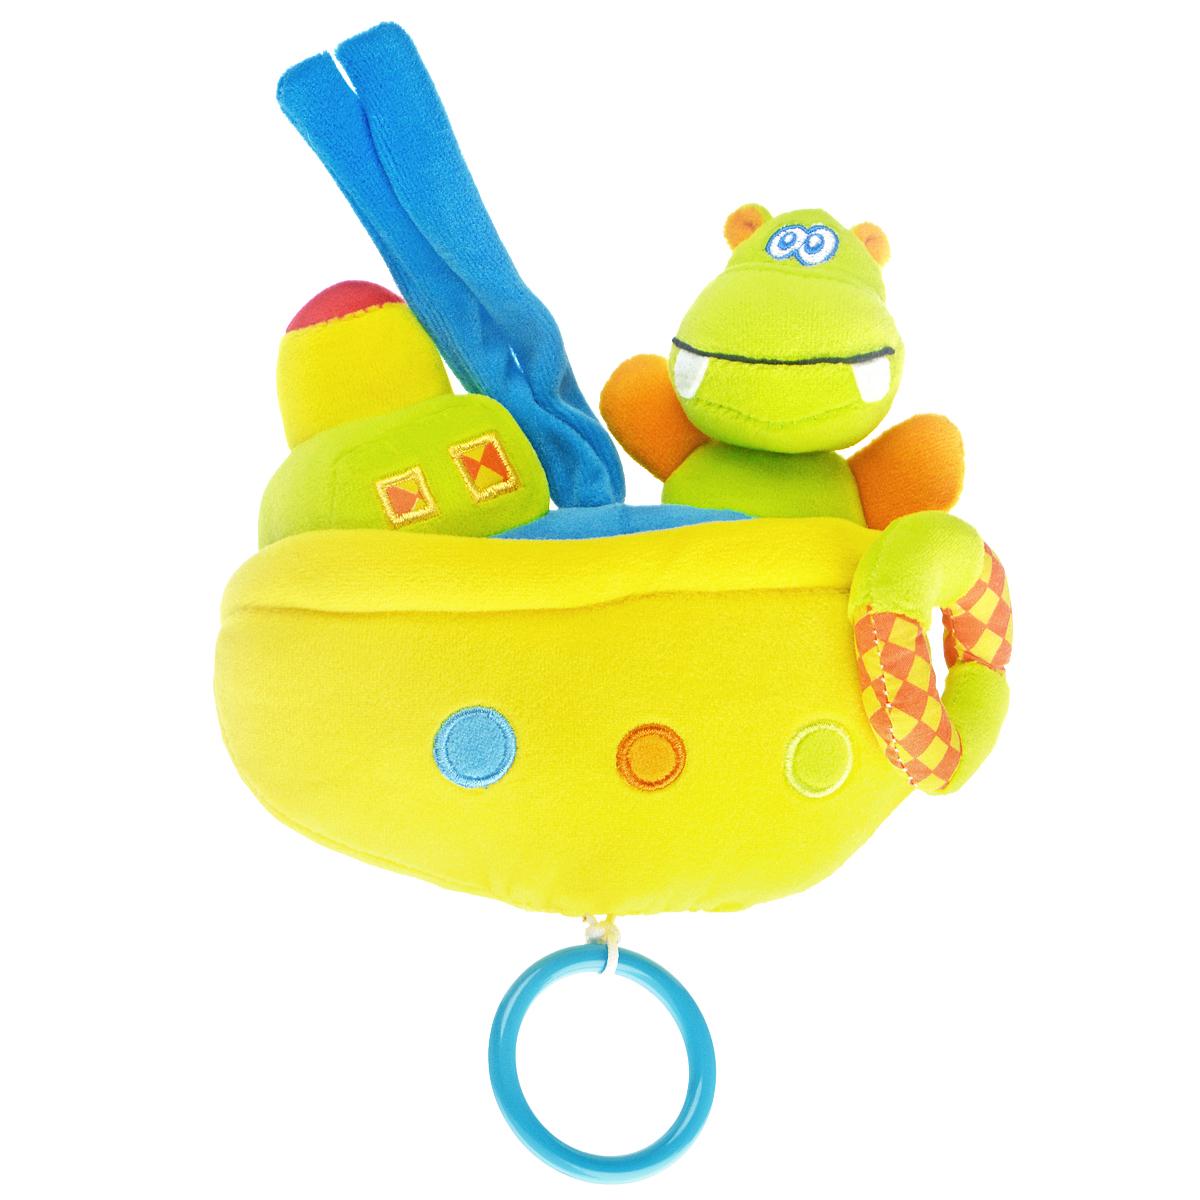 WSBD World Мягкая музыкальная игрушка БегемотикB-11089Мягкая музыкальная игрушка Бегемотик обязательно понравится вашему крохе. Она выполнена из текстильного материала разных фактур в виде кораблика с бегемотиком на борту. К бортику пришит спасательный круг, якорь представляет собой подвешенное к кораблику пластиковое кольцо. Оттянув его, ребенок сможет насладиться приятной успокаивающей мелодией, при этом щечки у бегемотика будут попеременно подсвечиваться красным светом. С помощью текстильных завязок игрушку легко можно прикрепить к кроватке, коляске, автокреслу или игровой дуге малыша. Музыкальная игрушка Бегемотик поможет малышу развить тактильные ощущения, мелкую моторику рук, слух и цветовое восприятие. Игрушка работает от незаменяемых батареек.